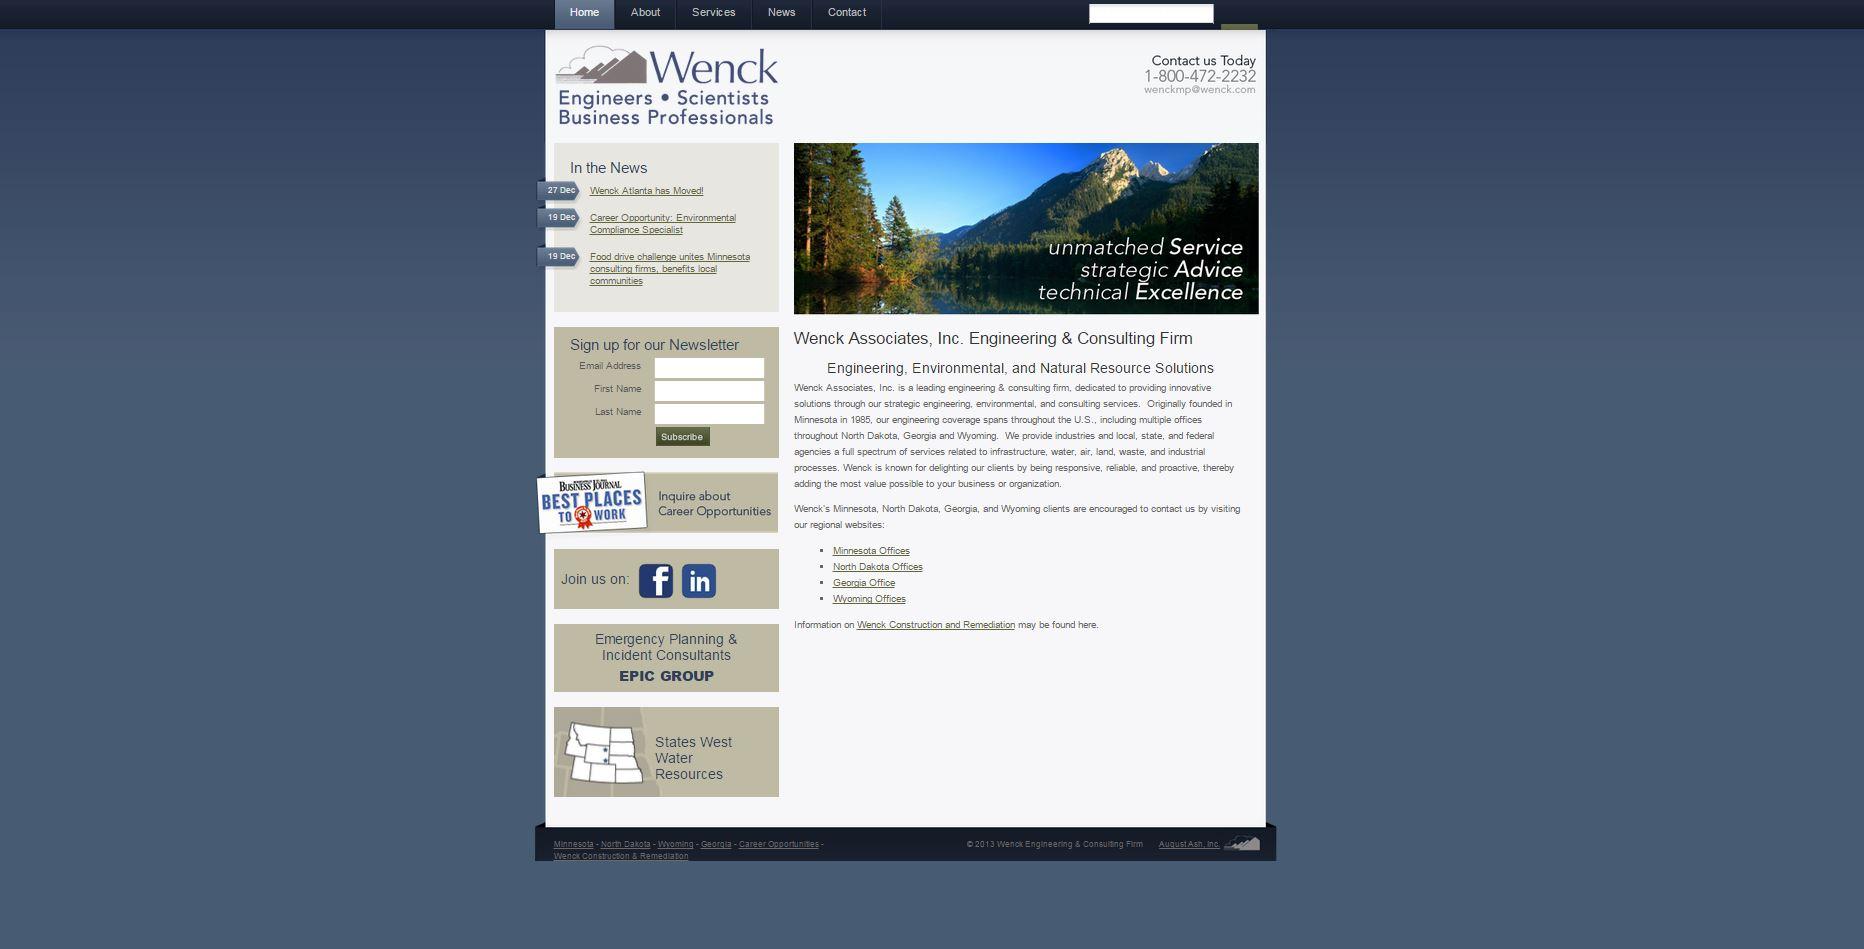 wenck website old